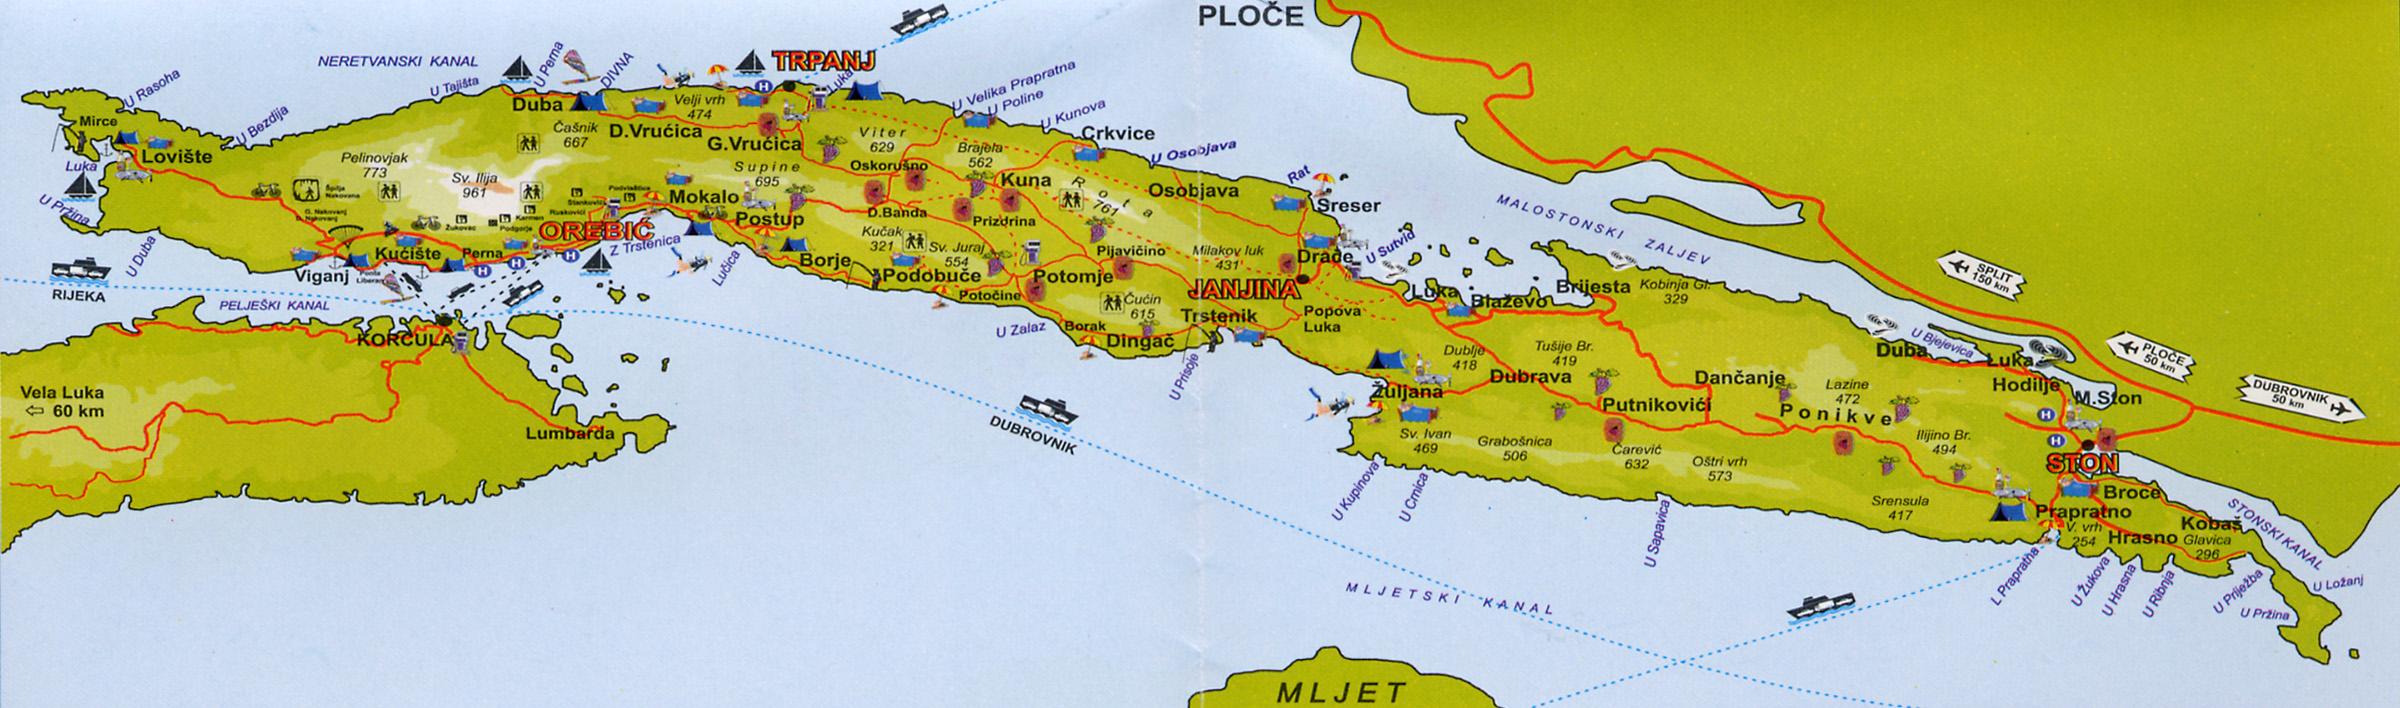 La presqu'île de Pelješac en Croatie